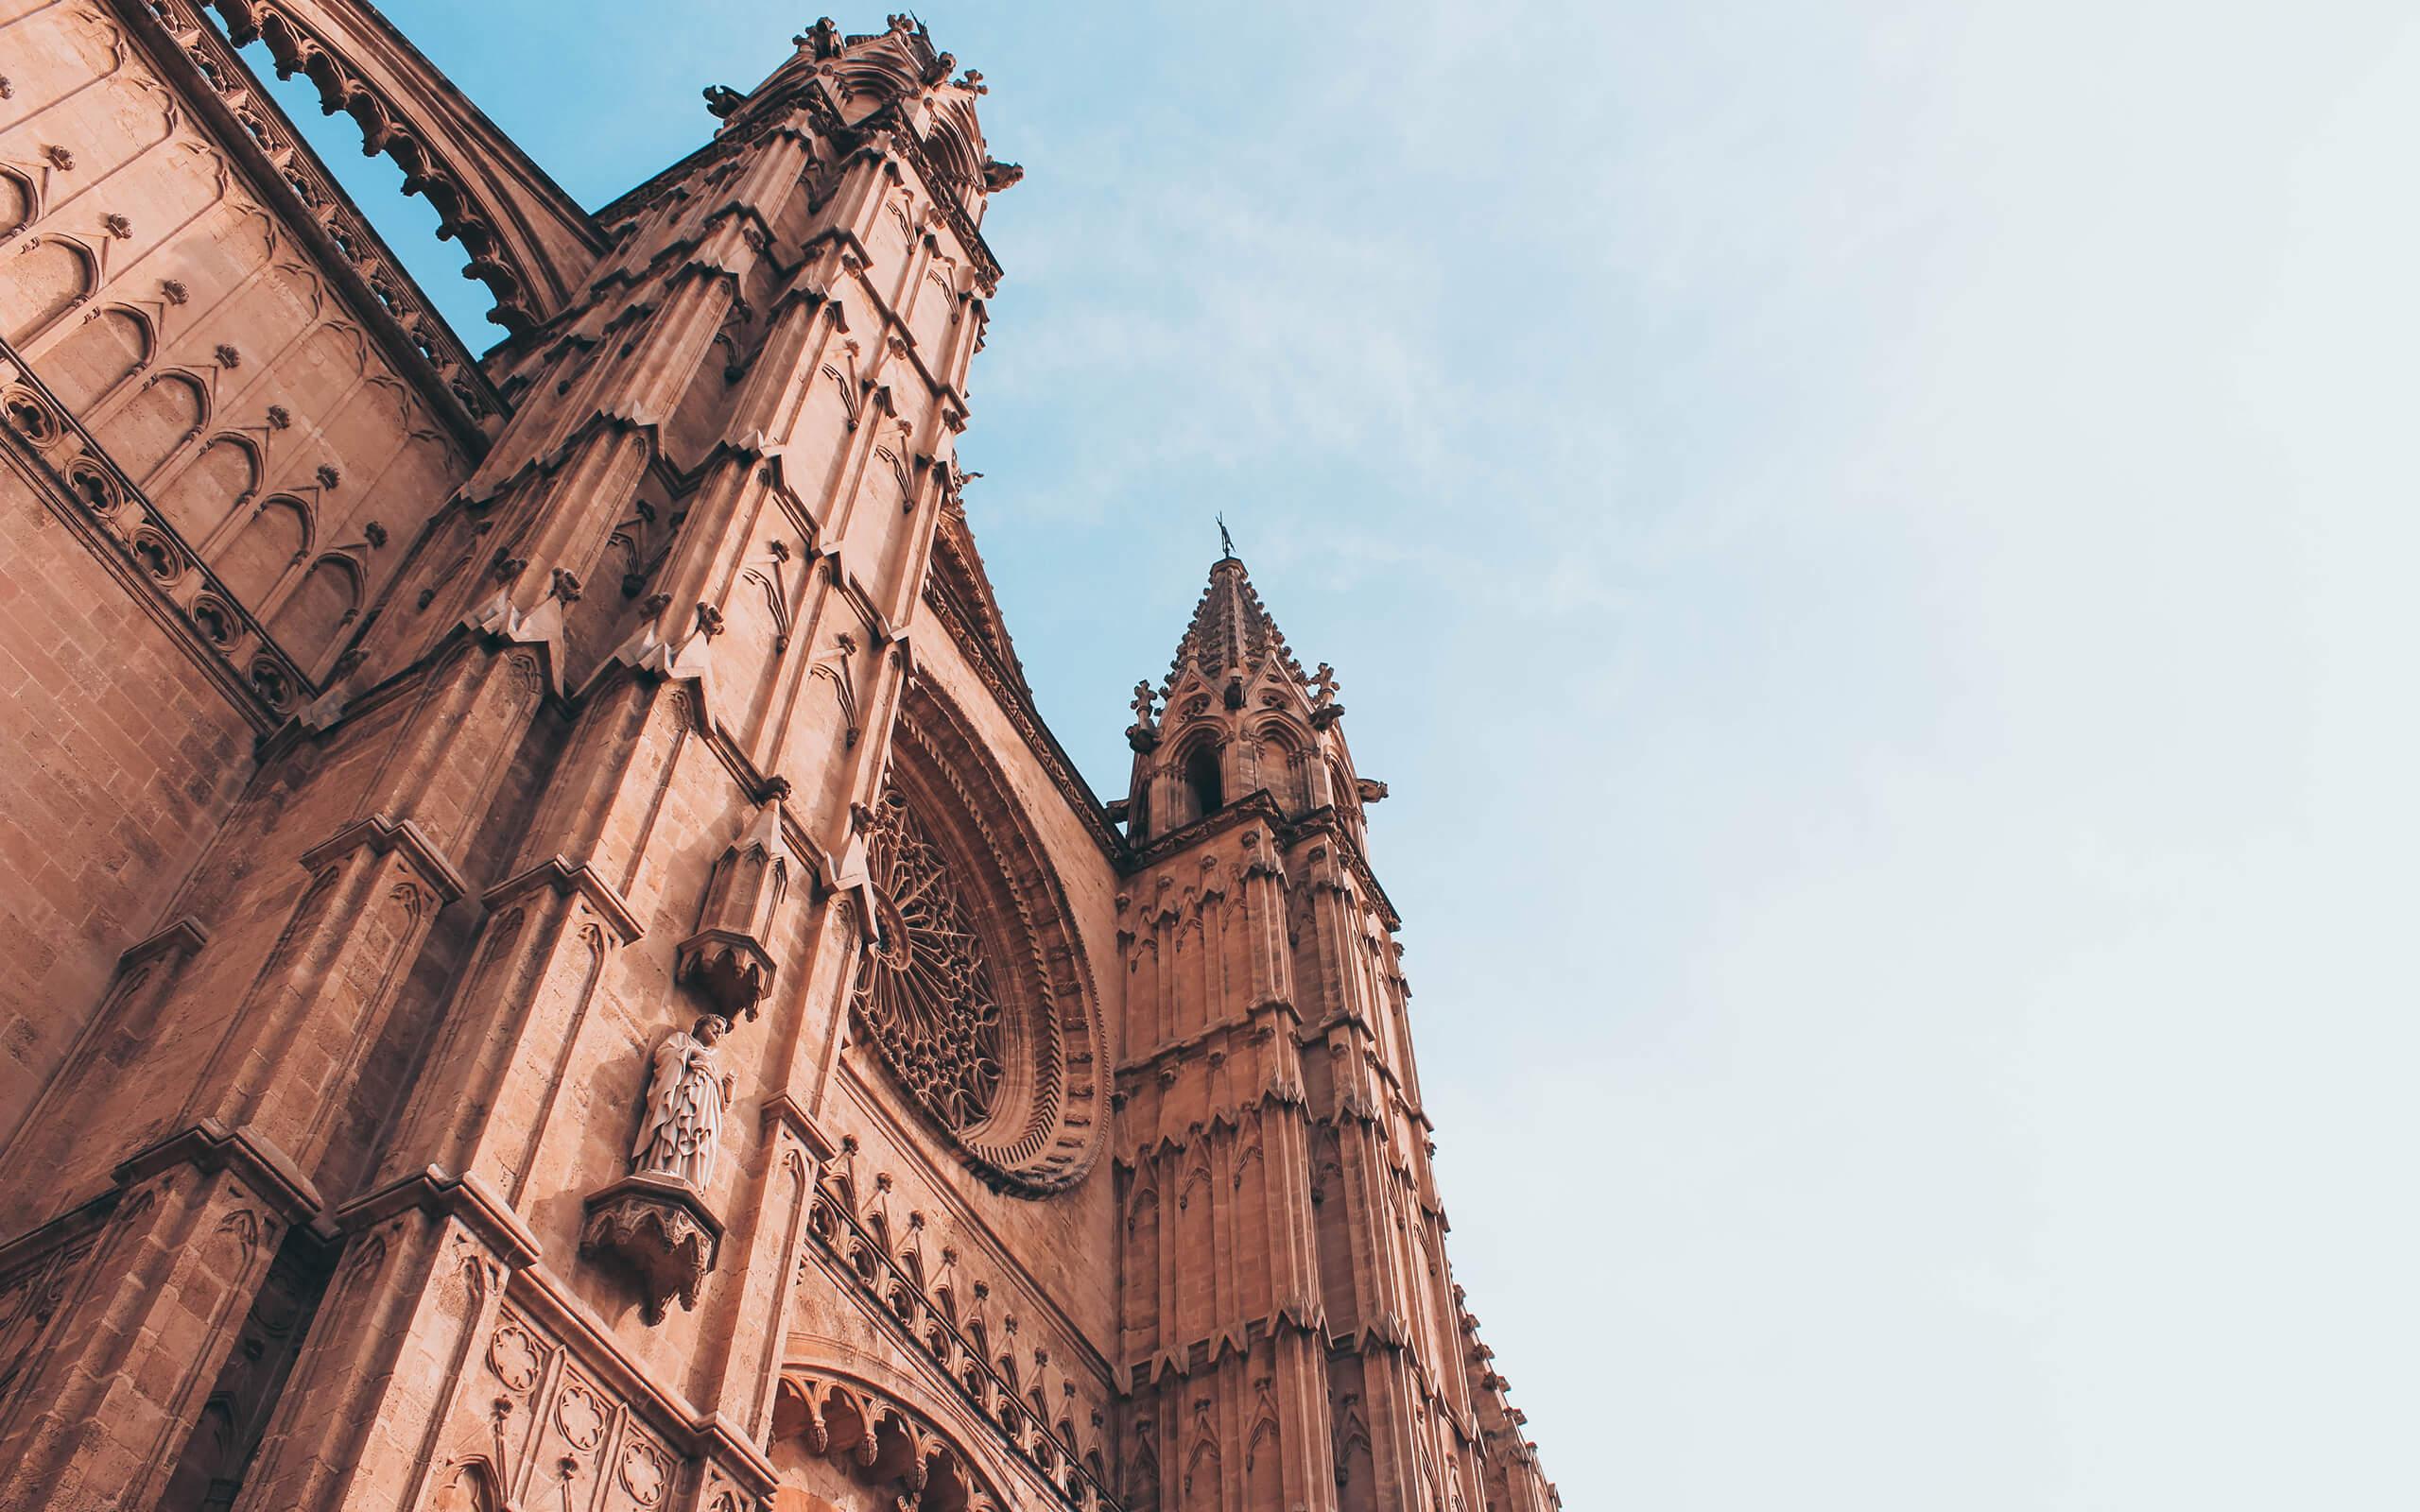 Church spire with a nice blue sky